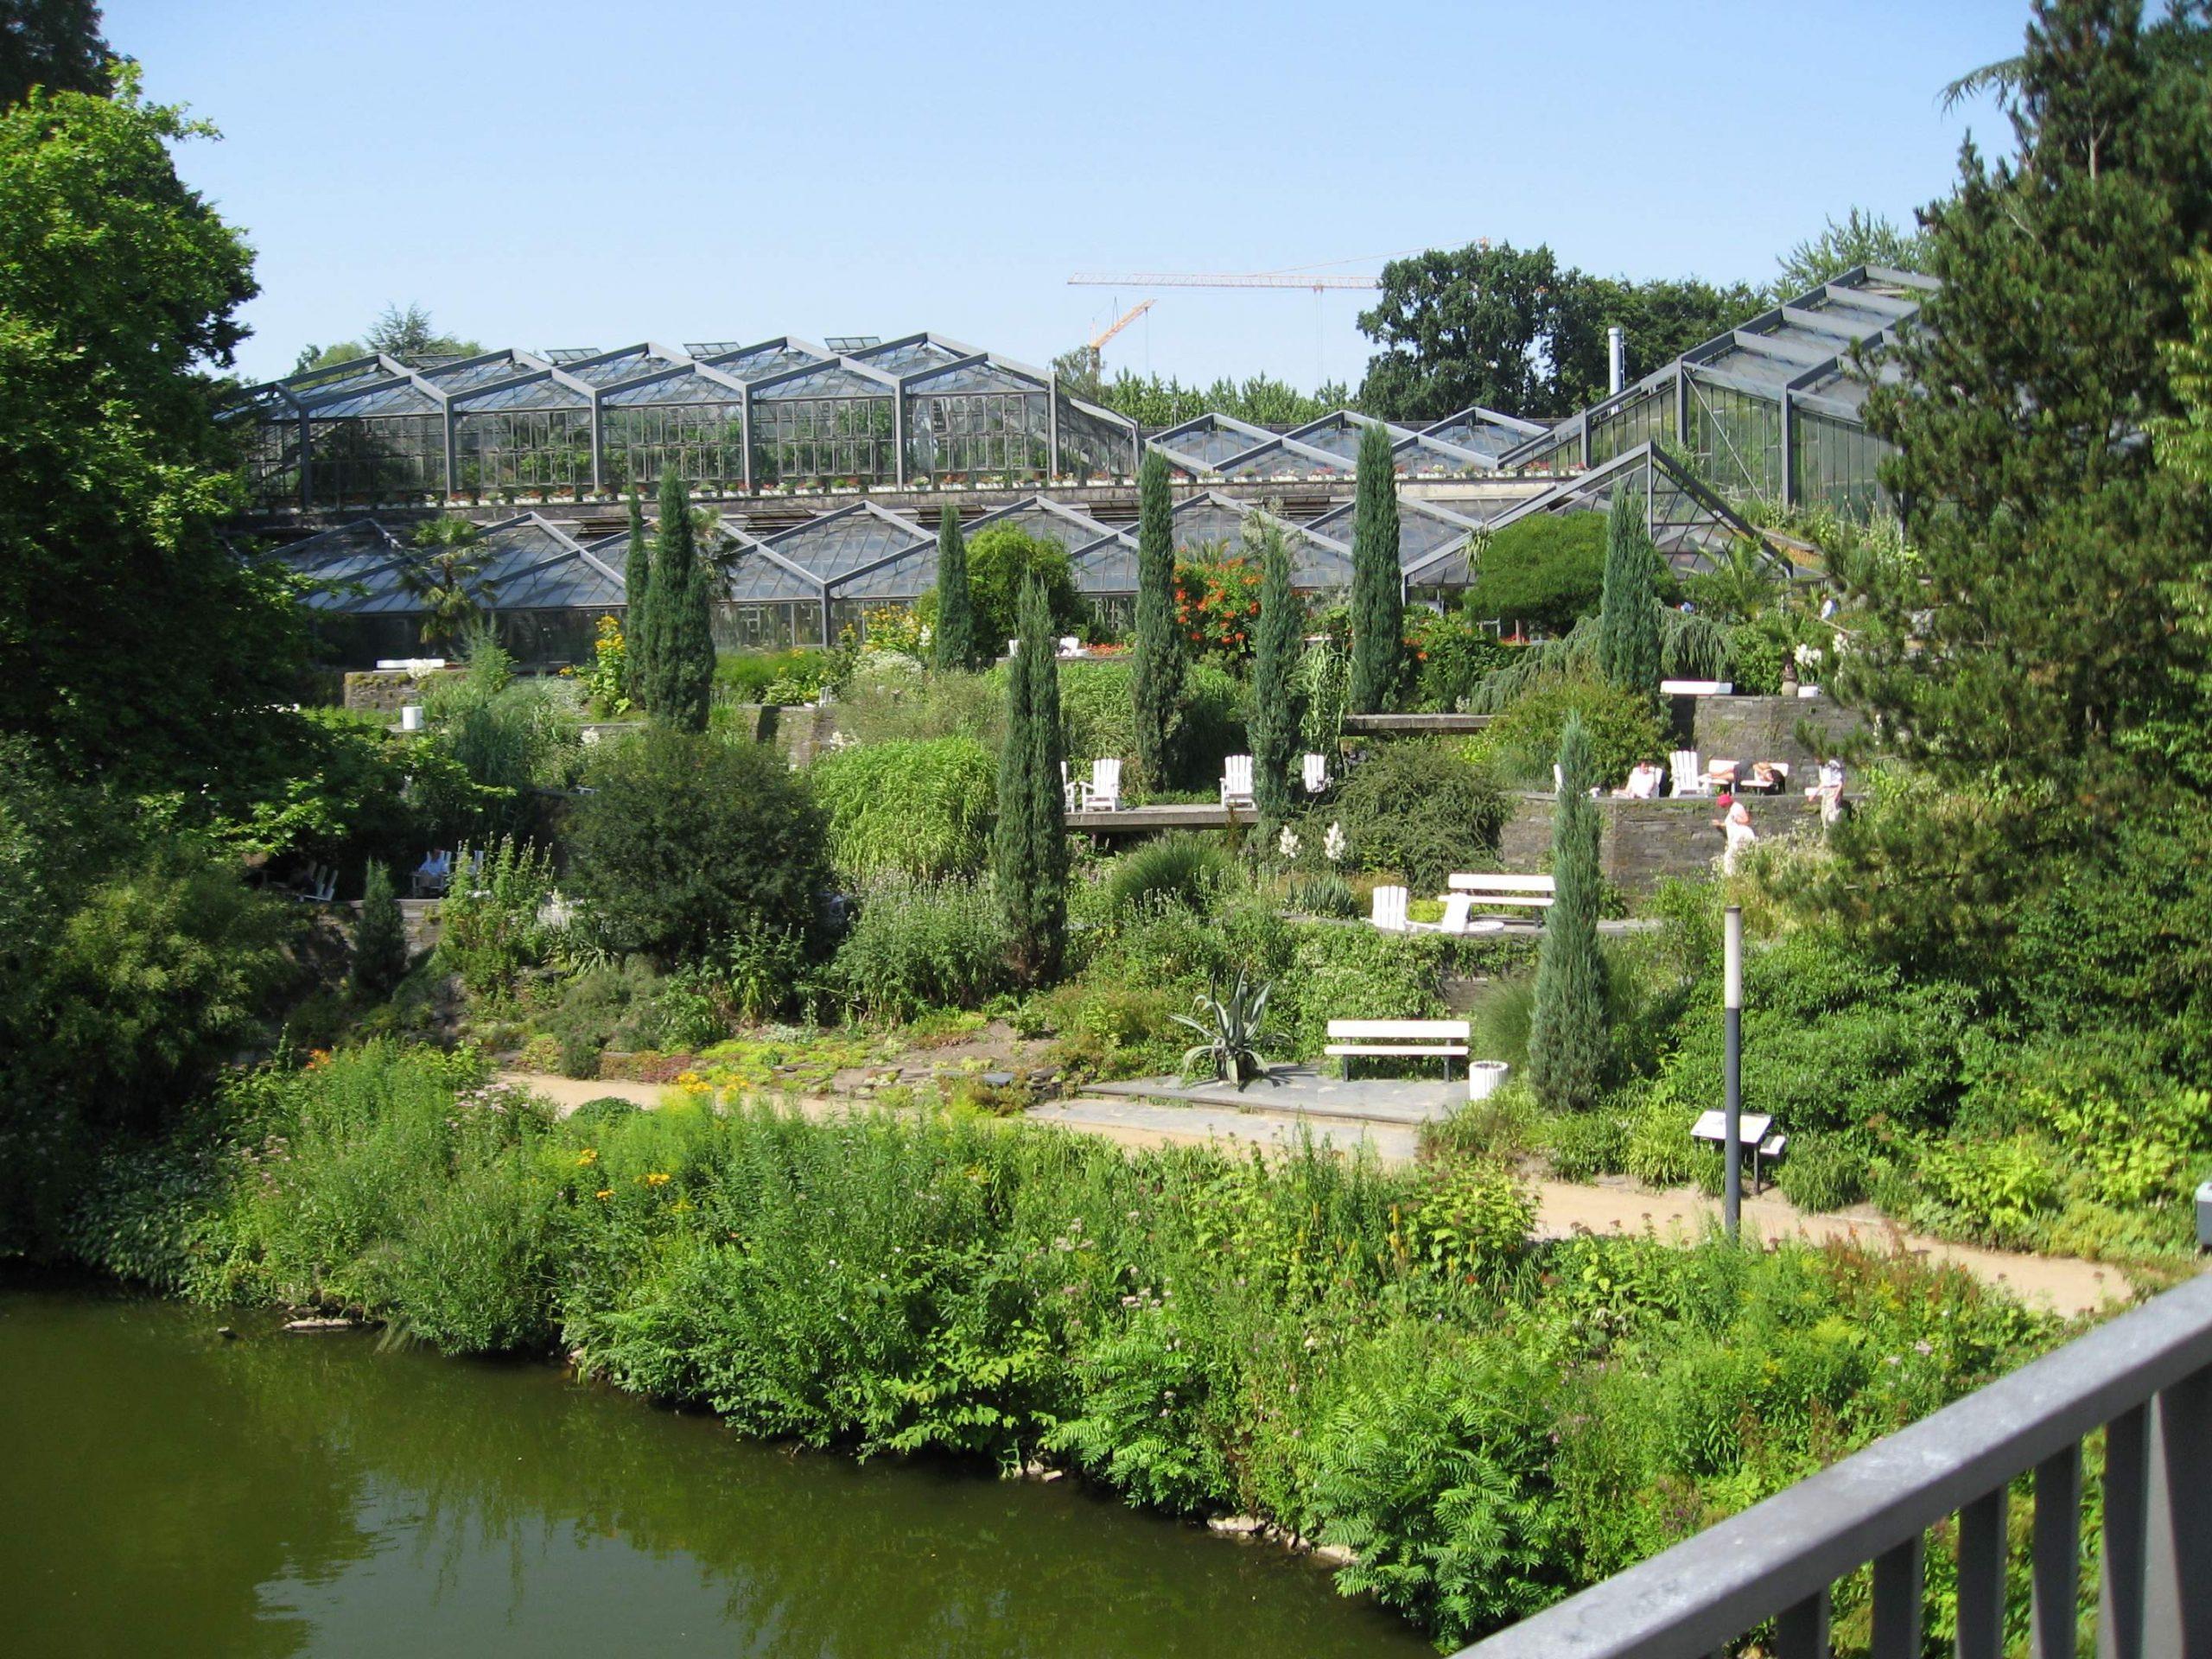 Botanischer Garten Hamburg Schön Alter Botanischer Garten Hamburg